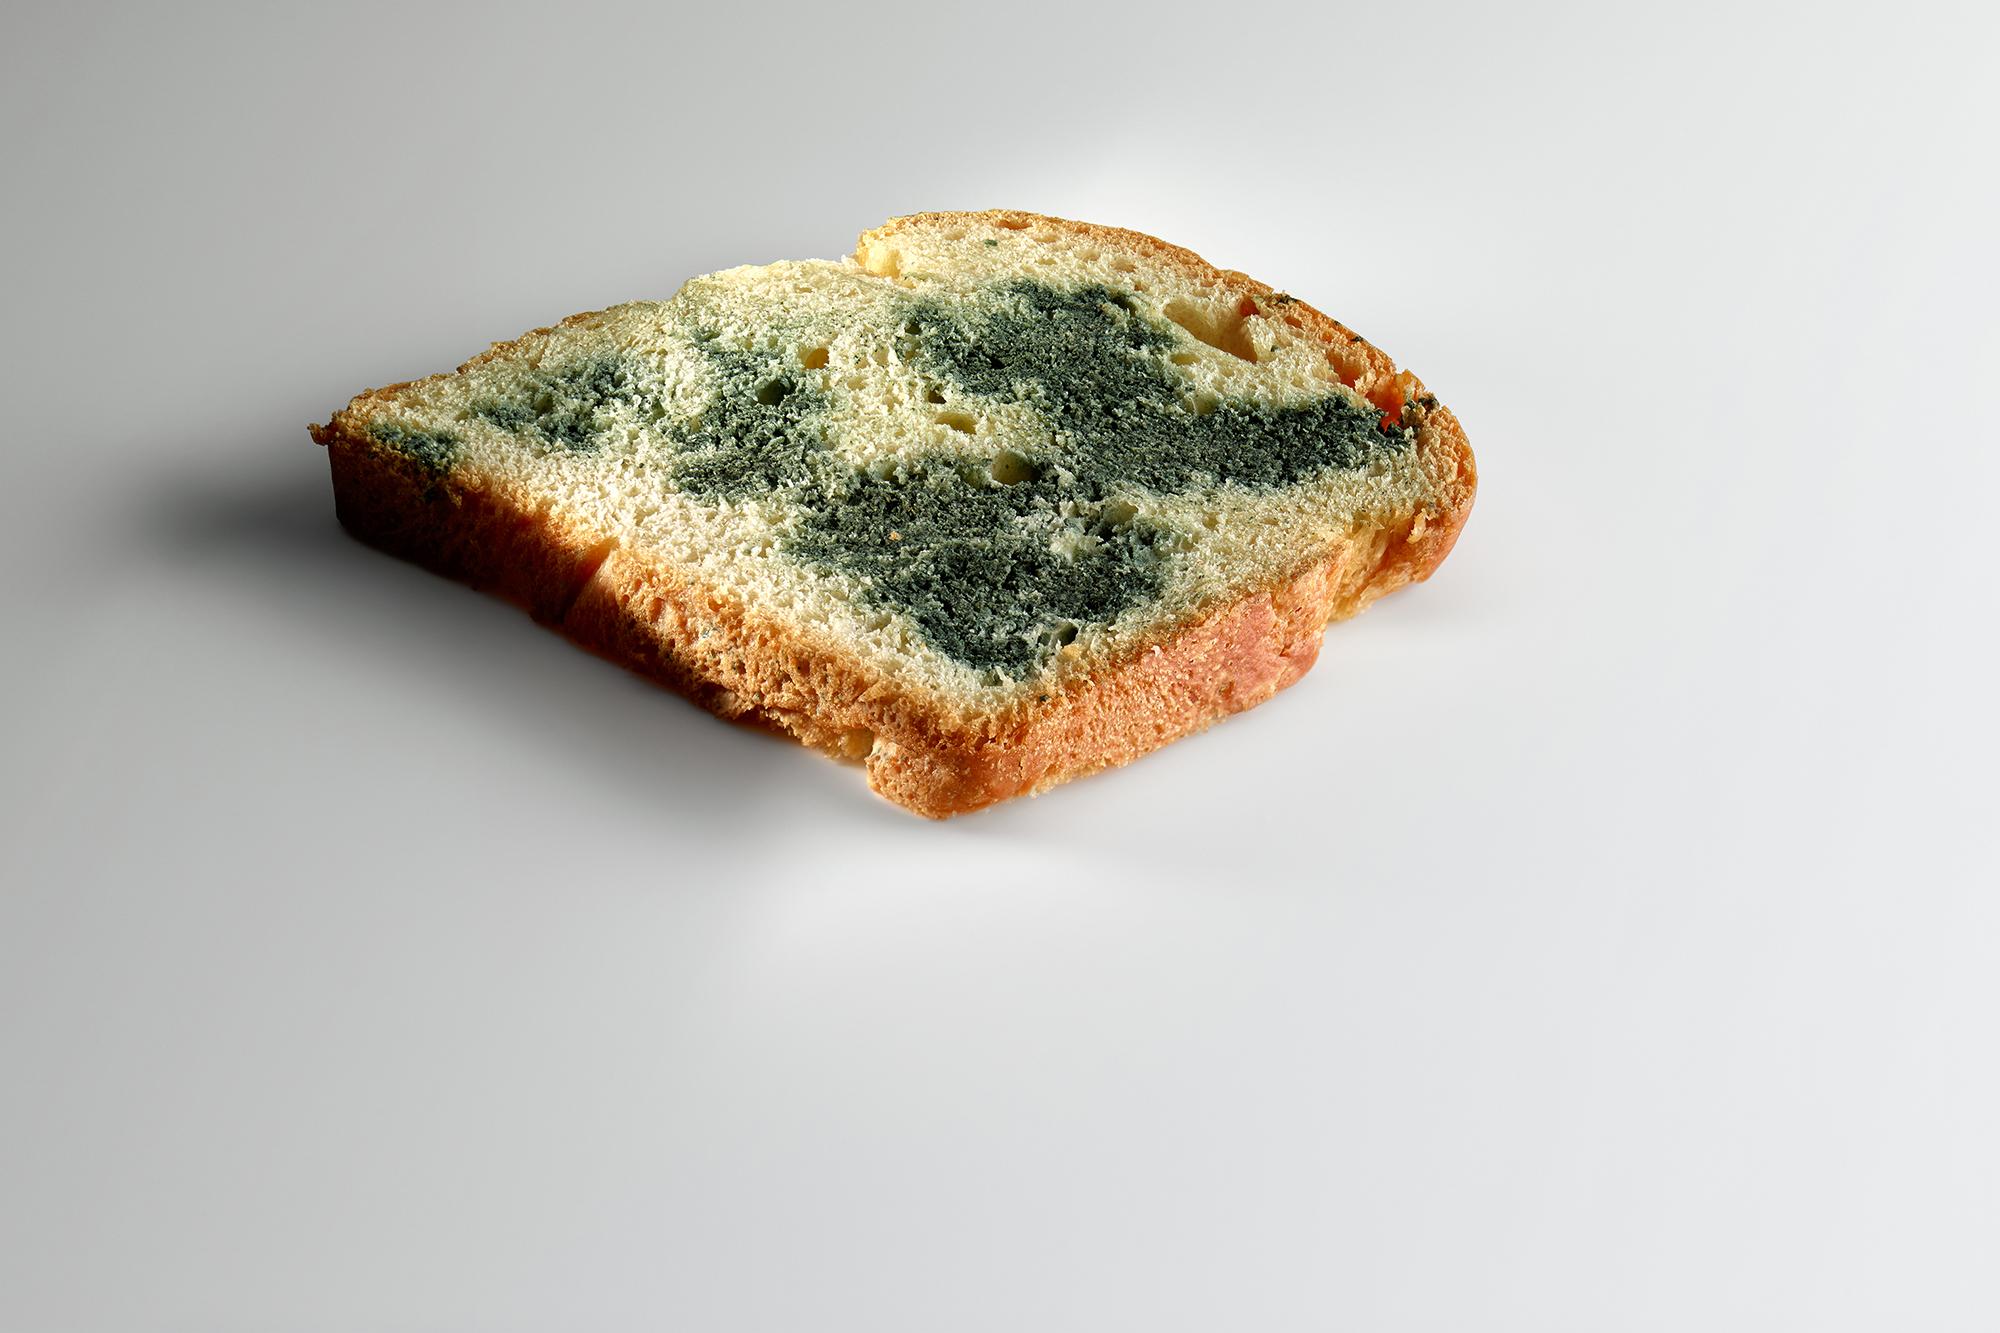 Un pan 'brioche' inoculado con 'penicillium roqueforti', un hongo que se usa en los quesos azules. Foto: Mugaritz.